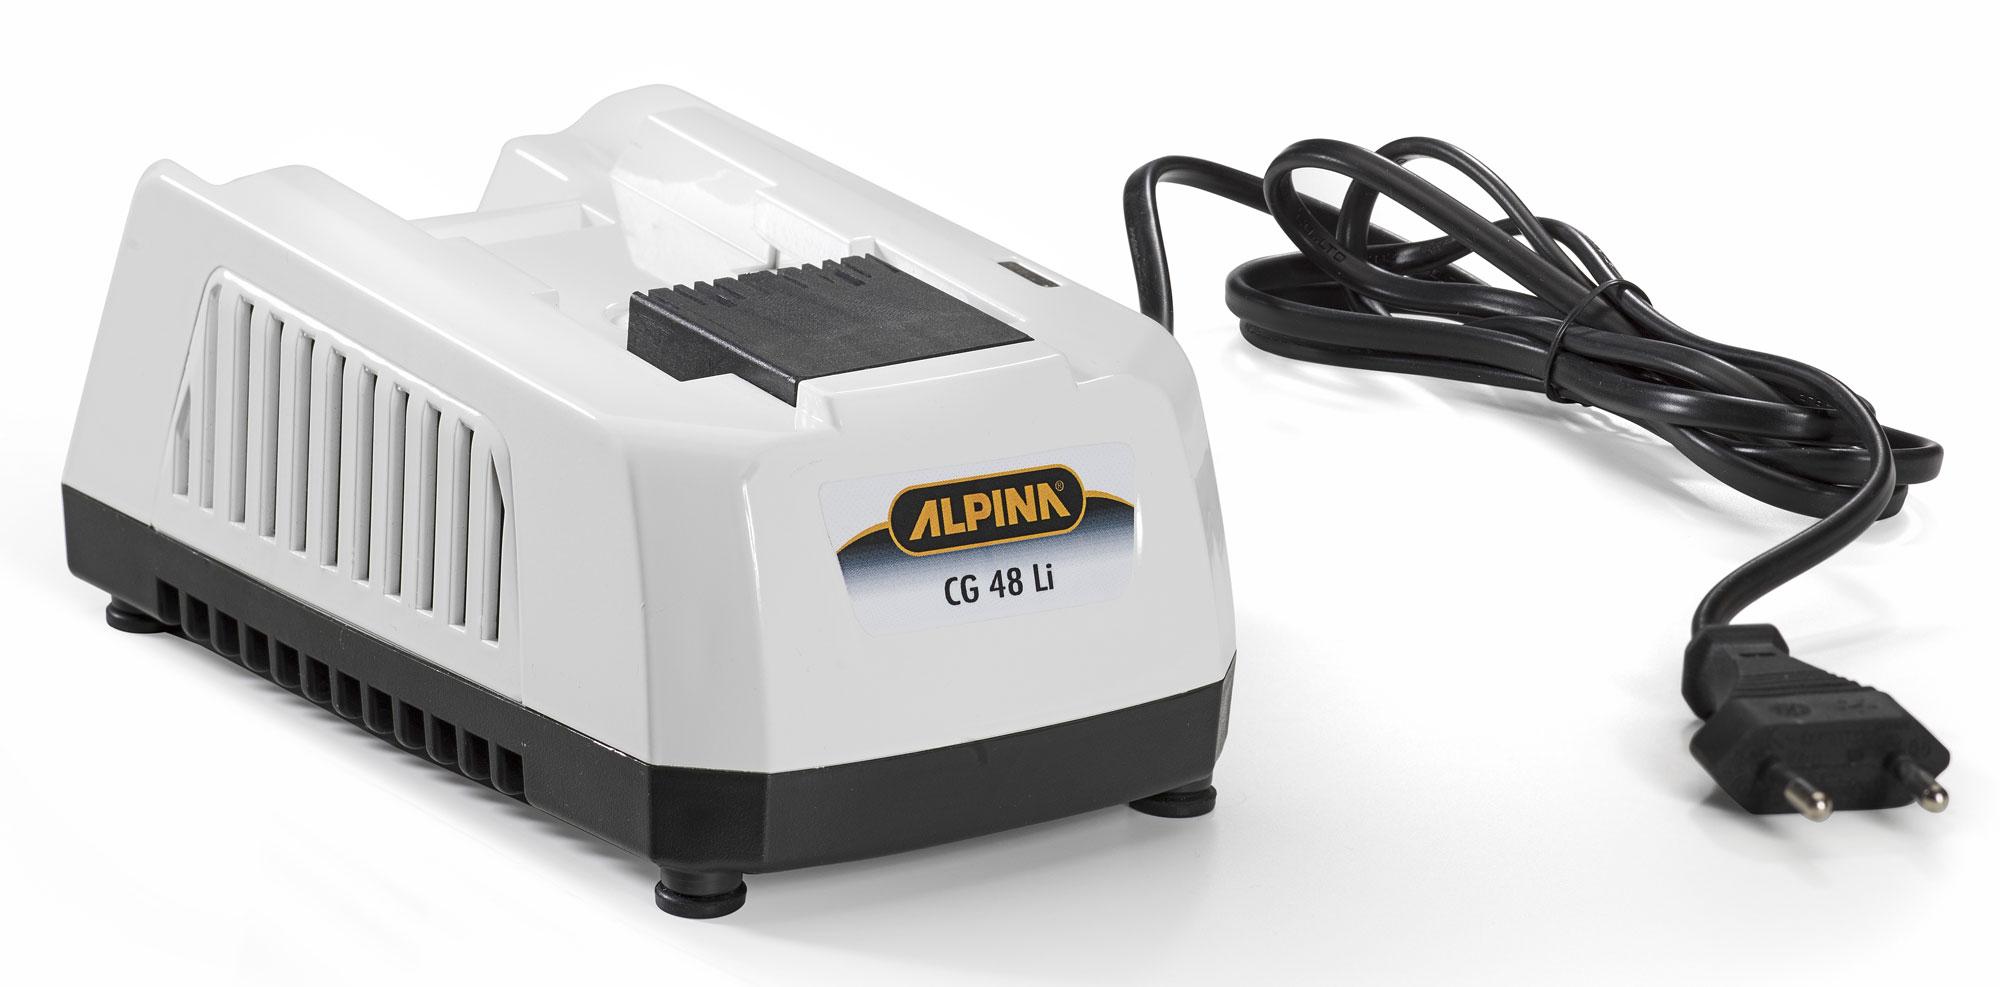 alpina akku ladeger t cg 48 li standard f r 48 volt akkus bei. Black Bedroom Furniture Sets. Home Design Ideas